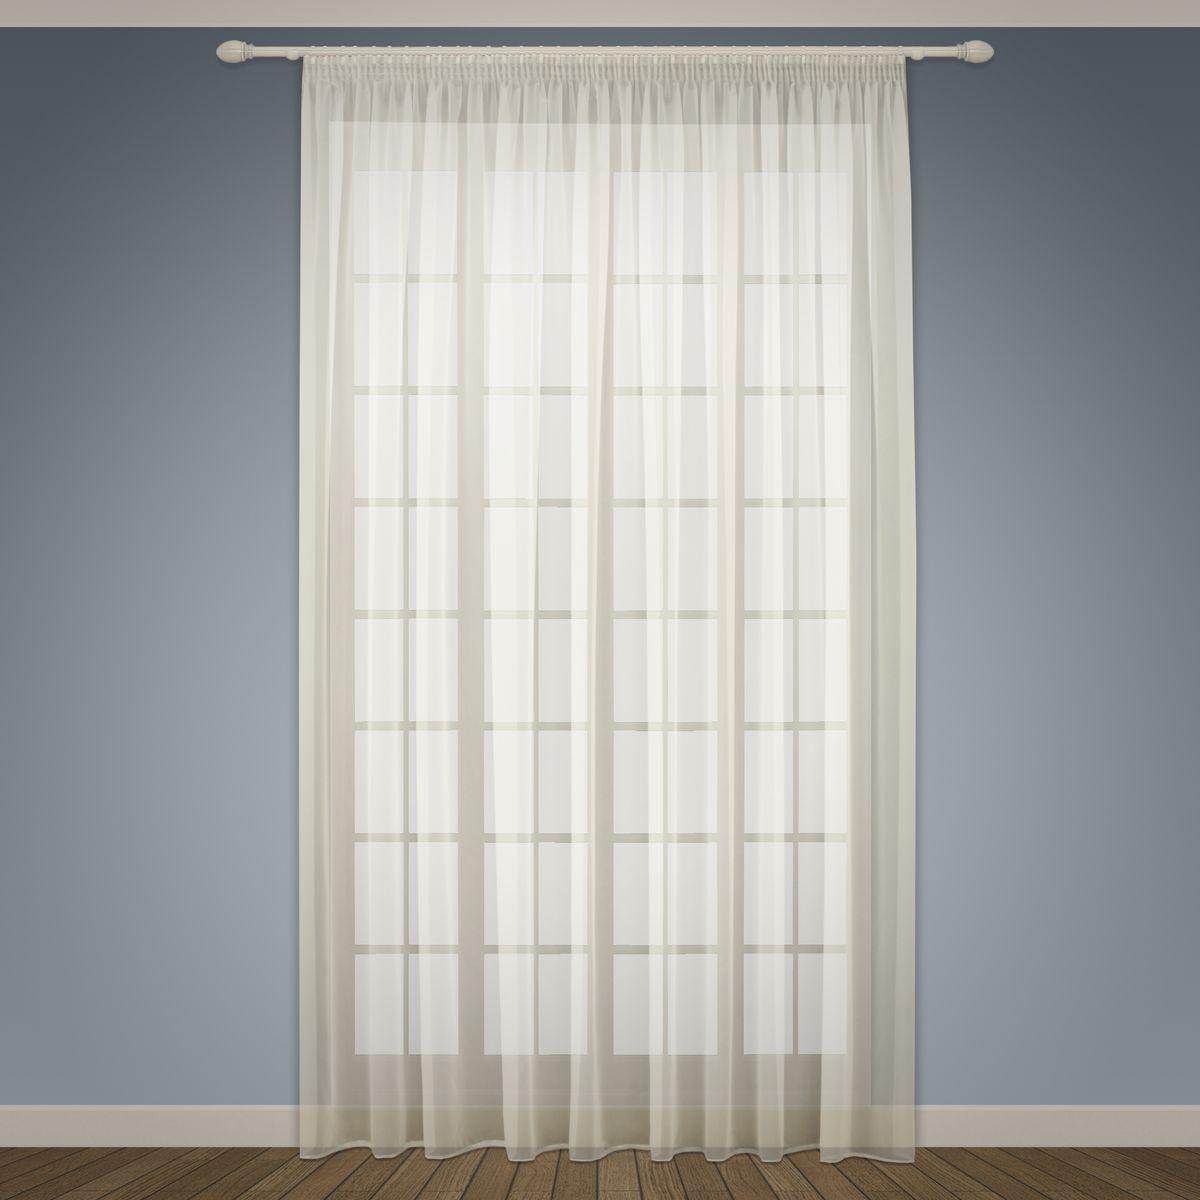 Тюль Sanpa Home Collection Аманда, на ленте, цвет: бежевый, высота 280 см тюль фиалка 1 п м 280 см вуаль